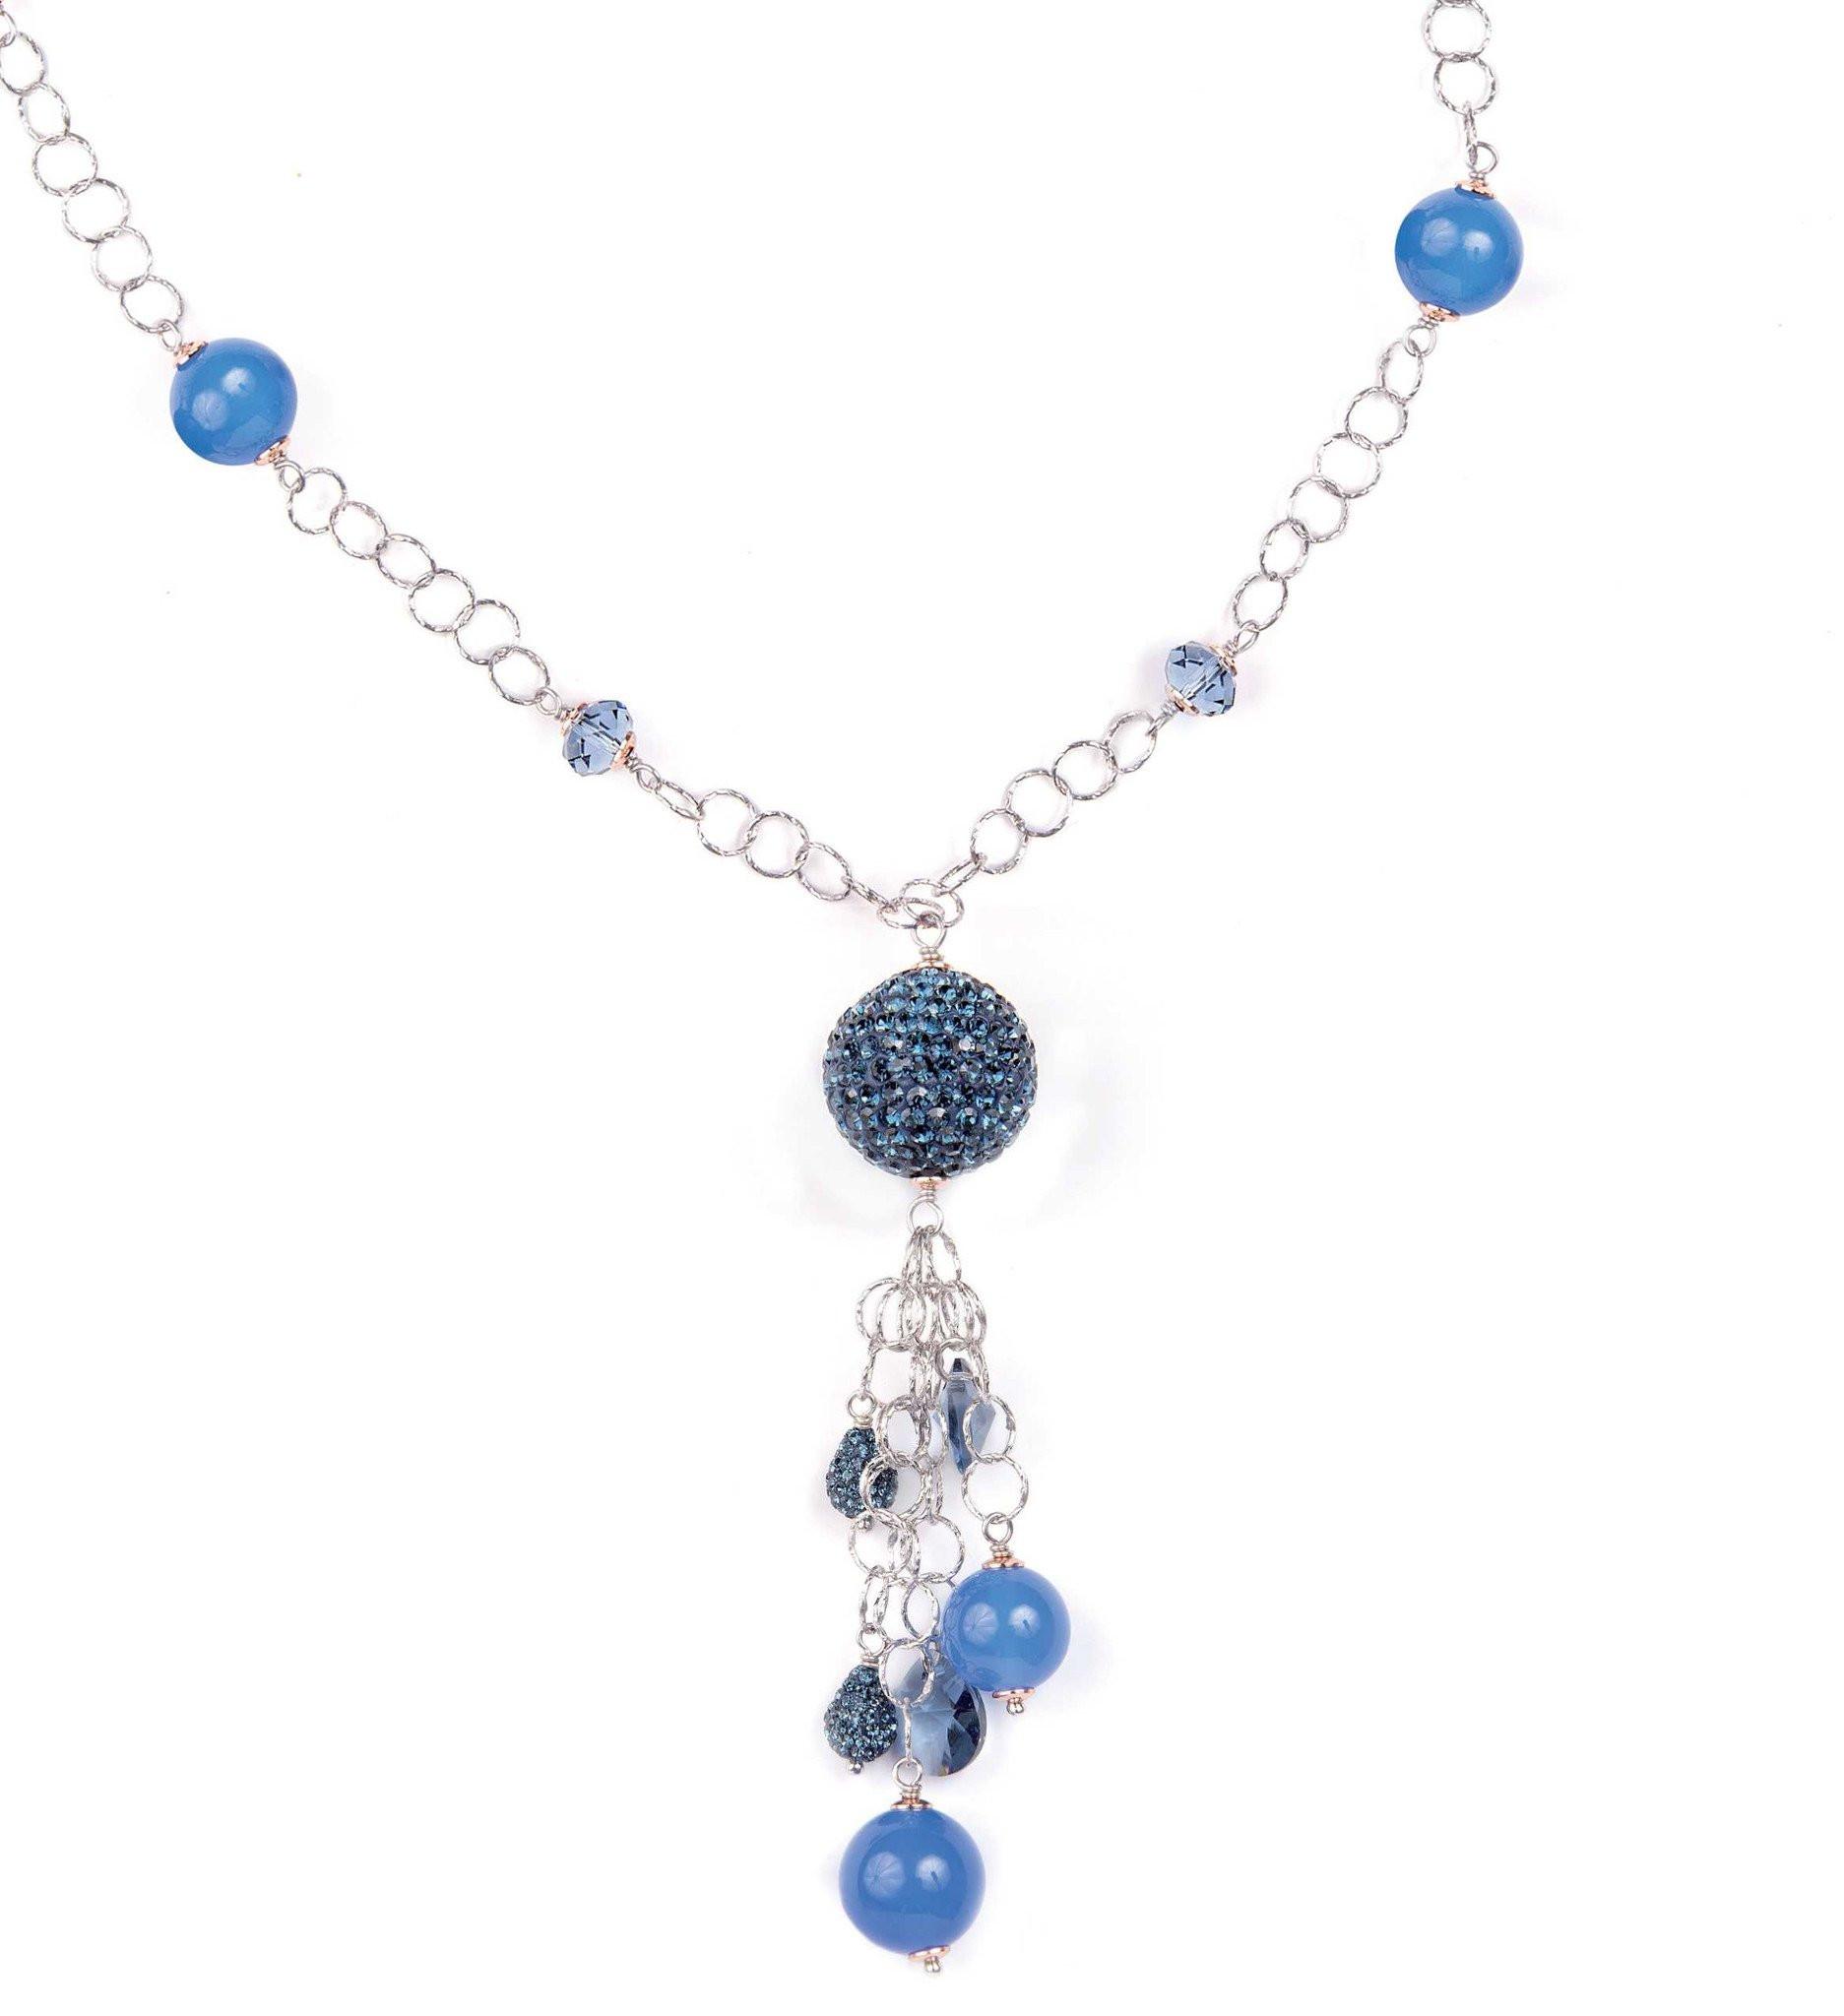 codice promozionale 5ebea d6ecd Collana in argento con Swarovski e boules di strass blu